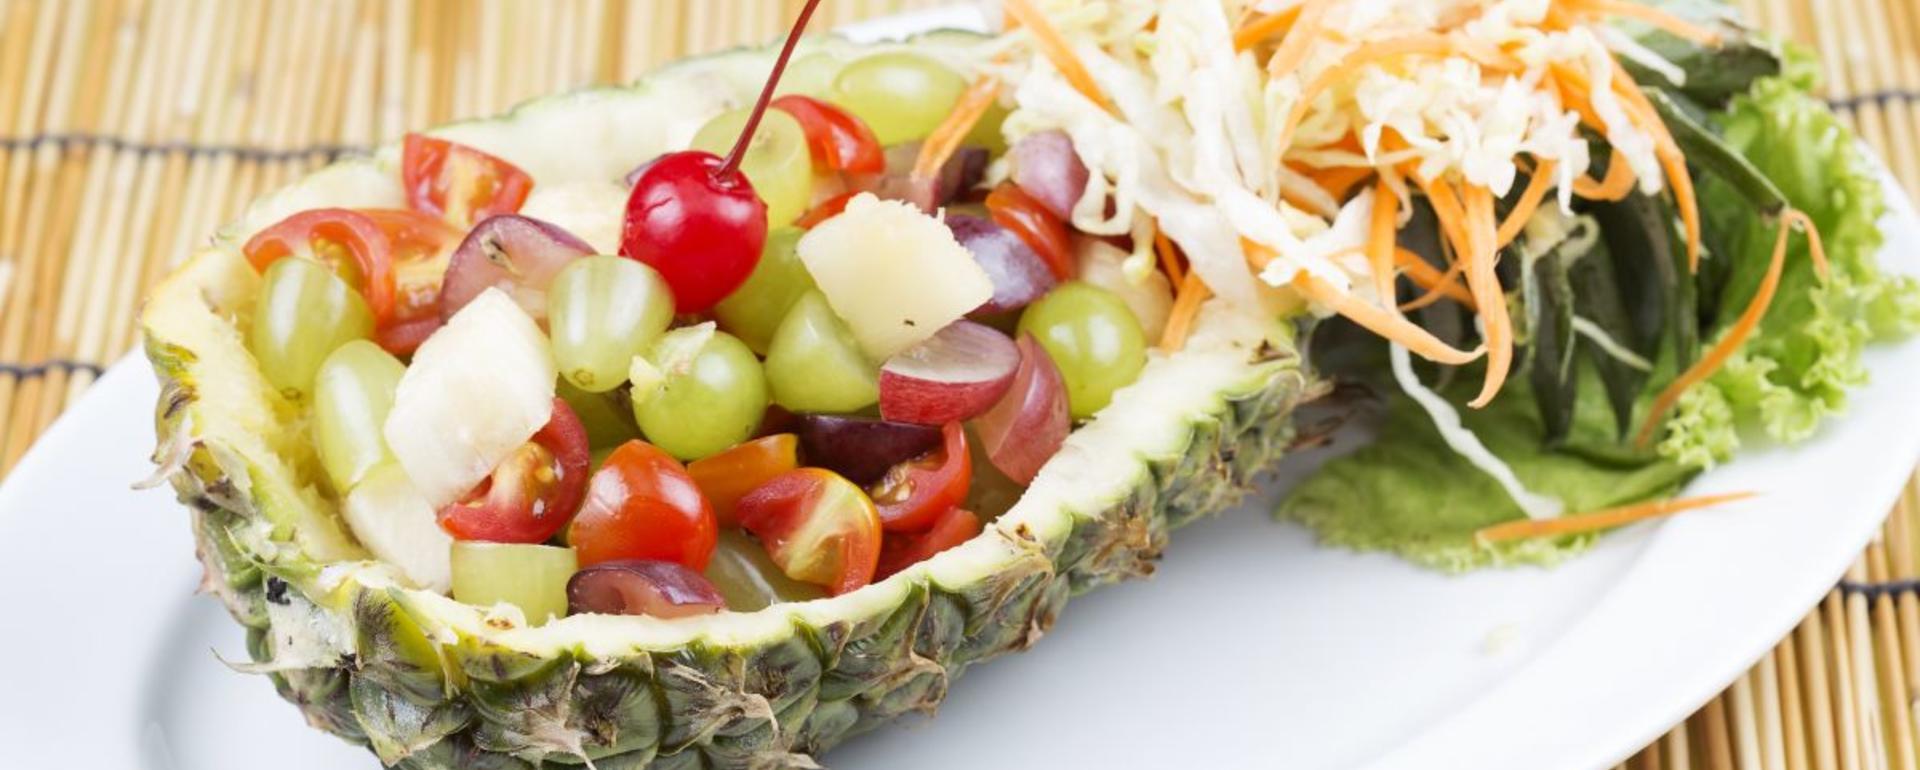 7 Sposobów Na Udekorowanie Sałatki Appetita Smak I Styl